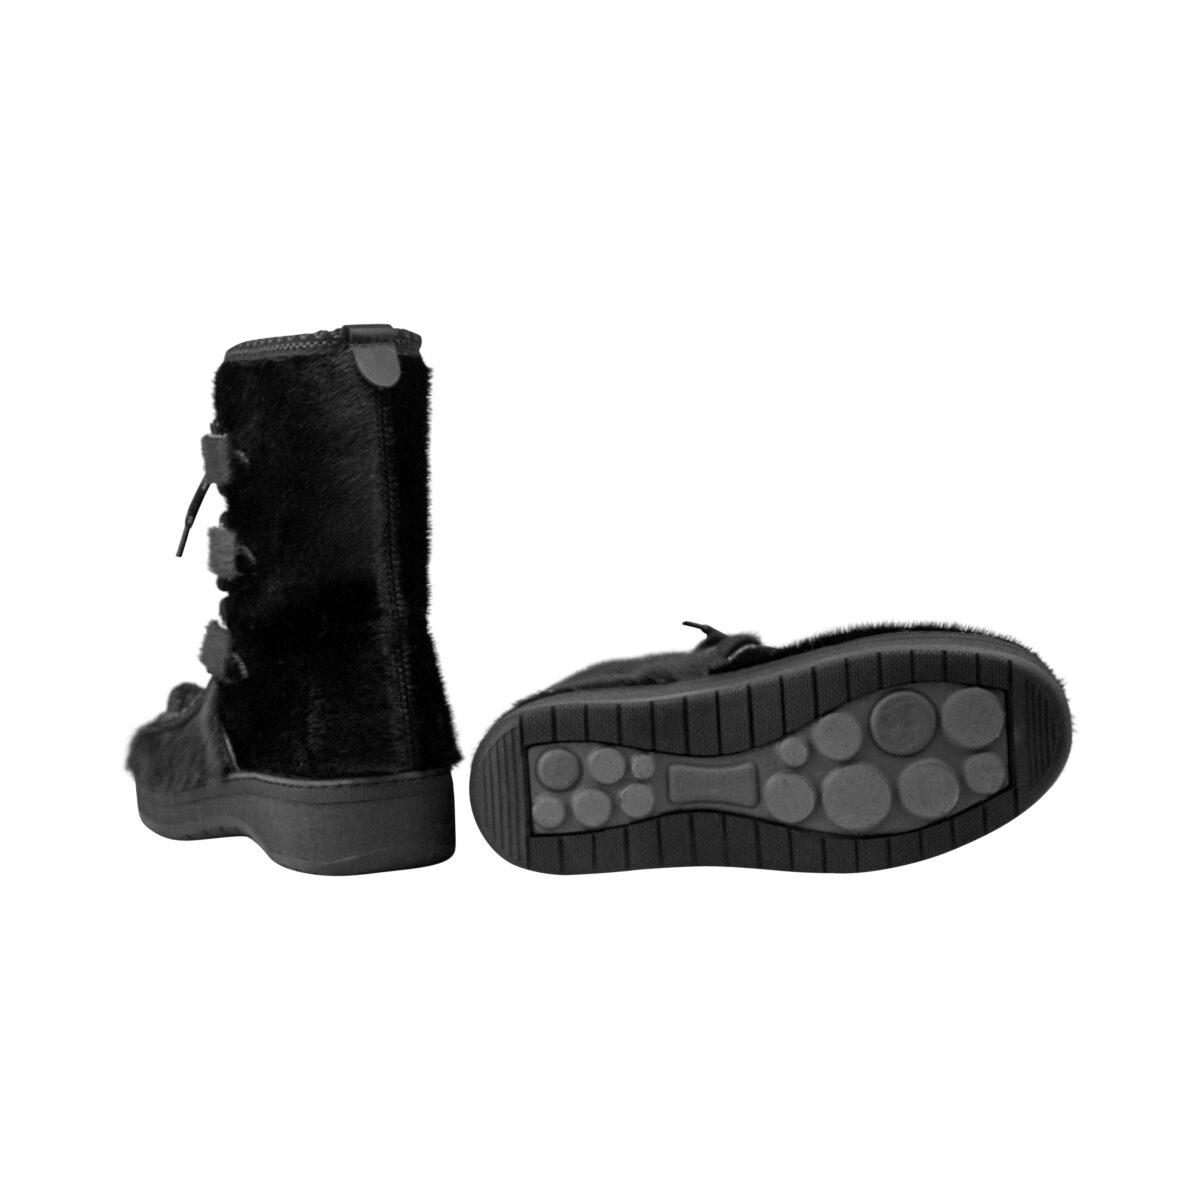 Støvler Topaz damer sort sælskind